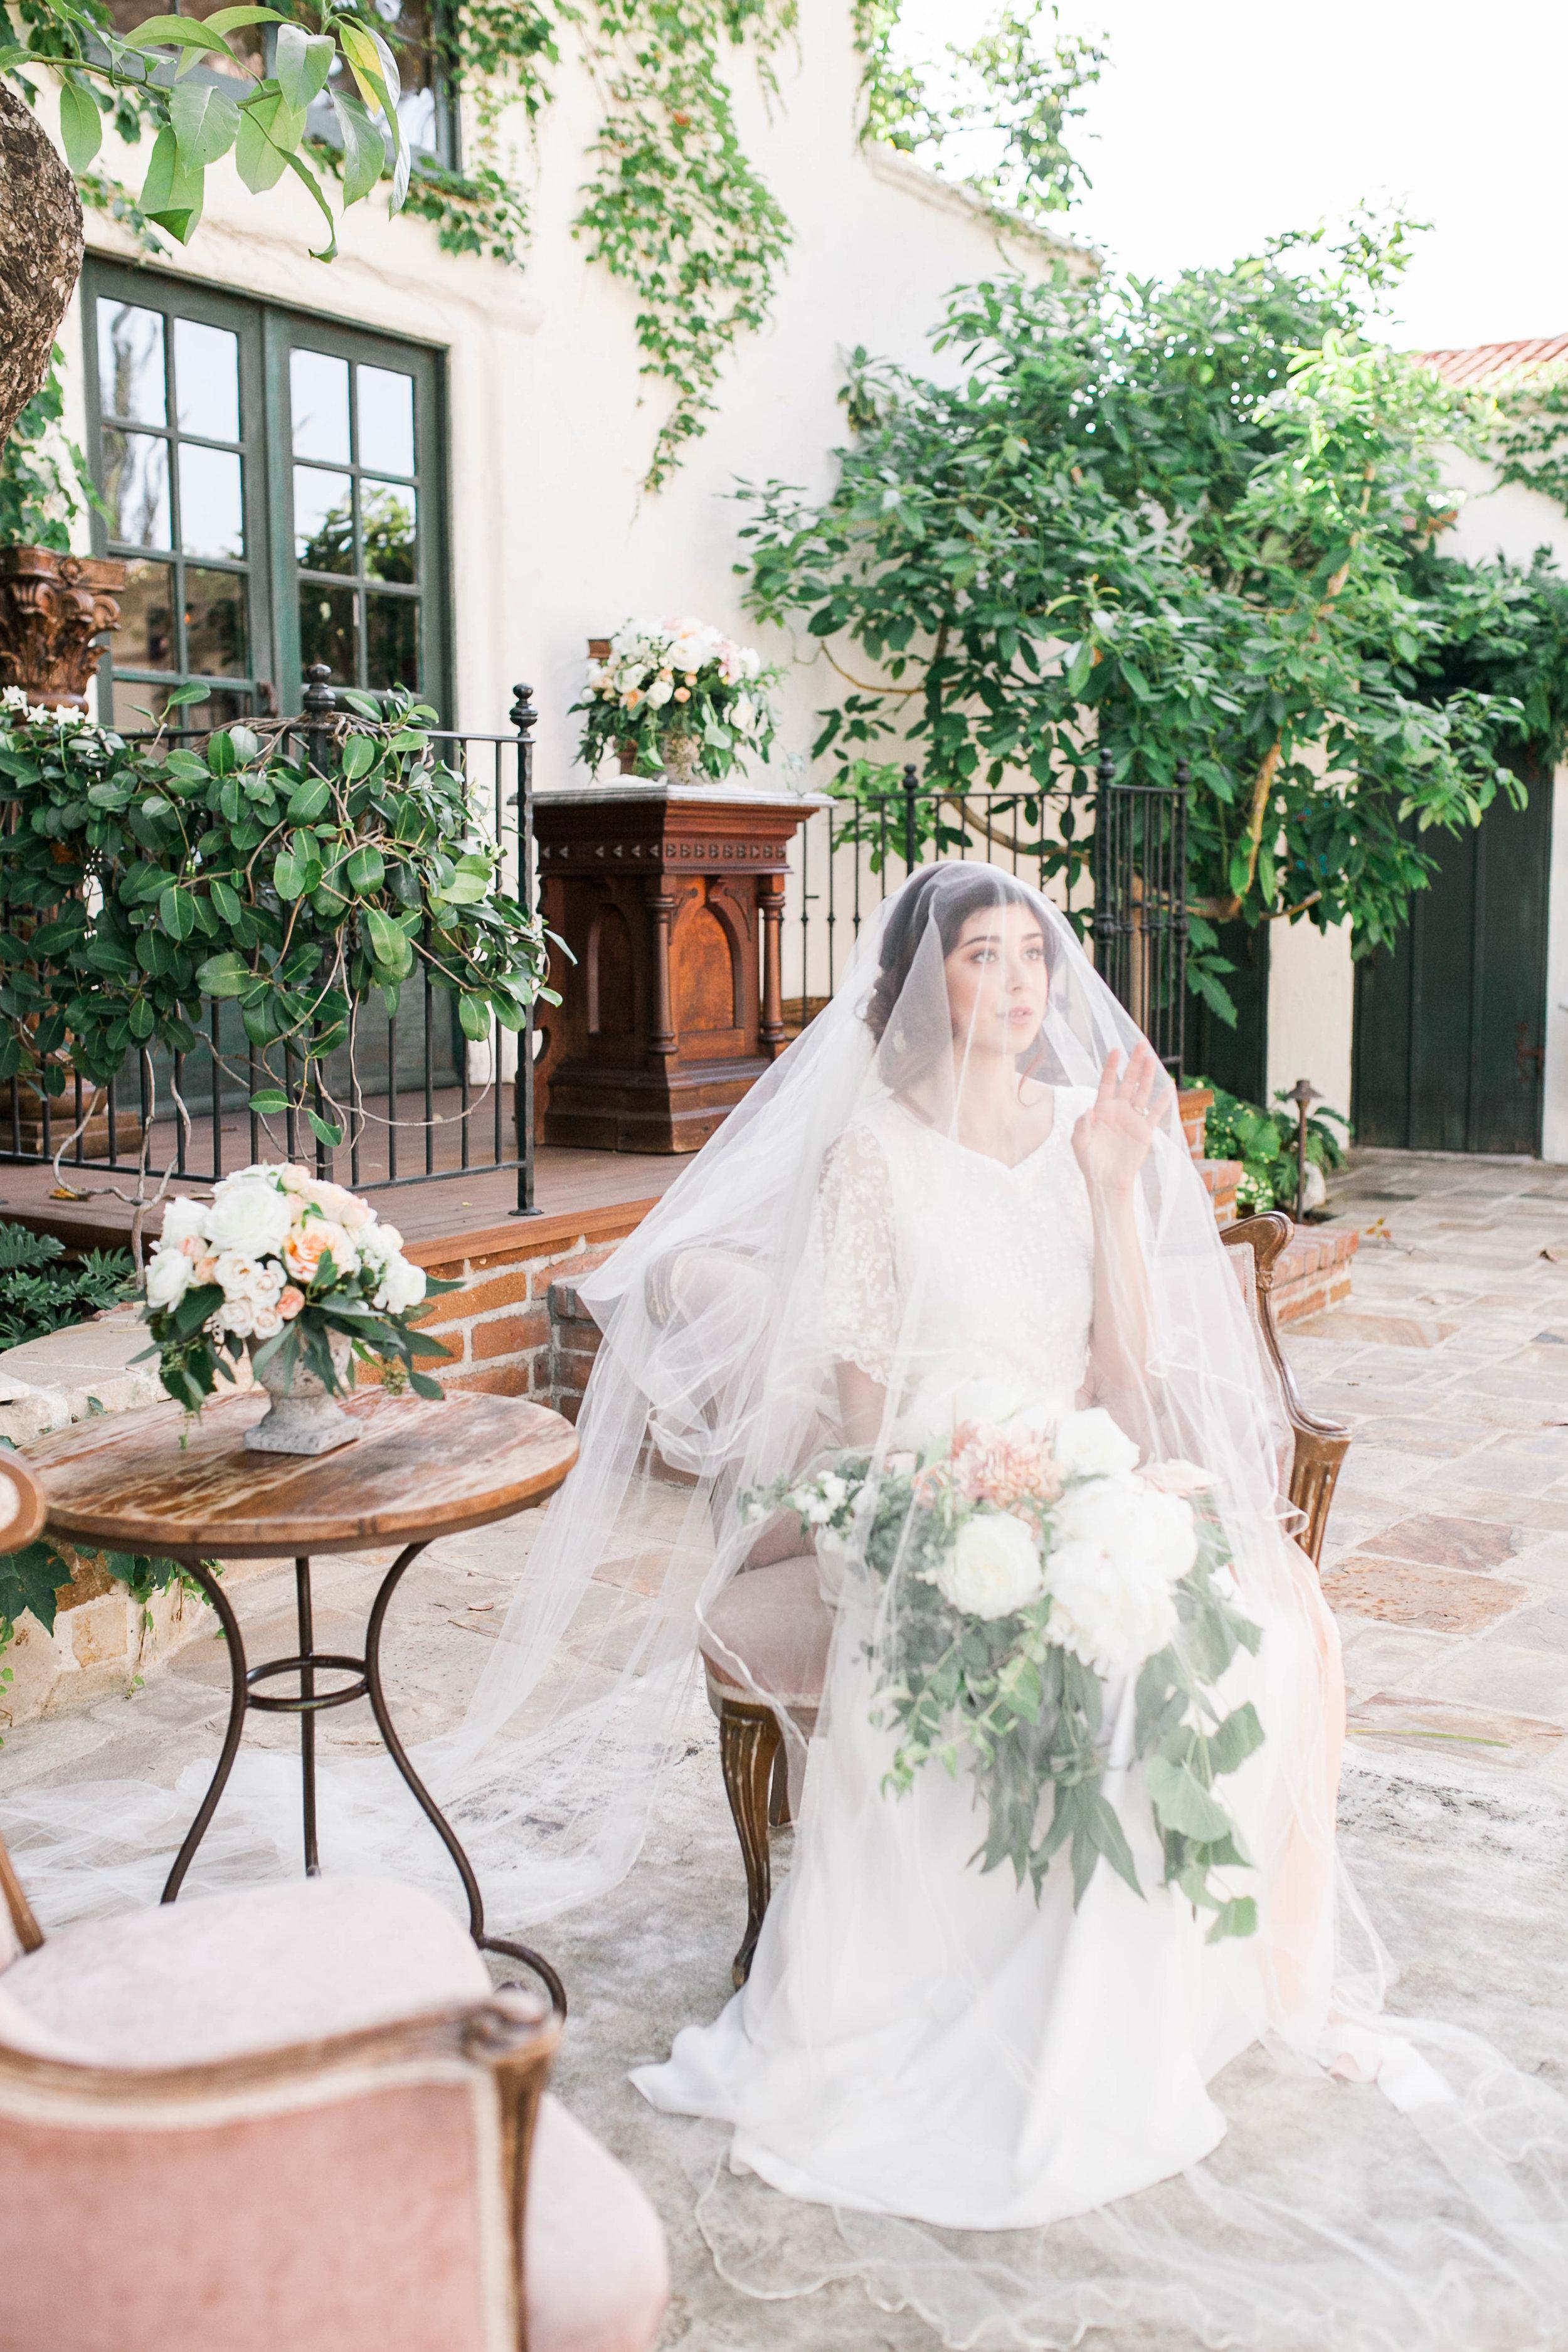 The-Villa-Wedding-Venue7.jpg